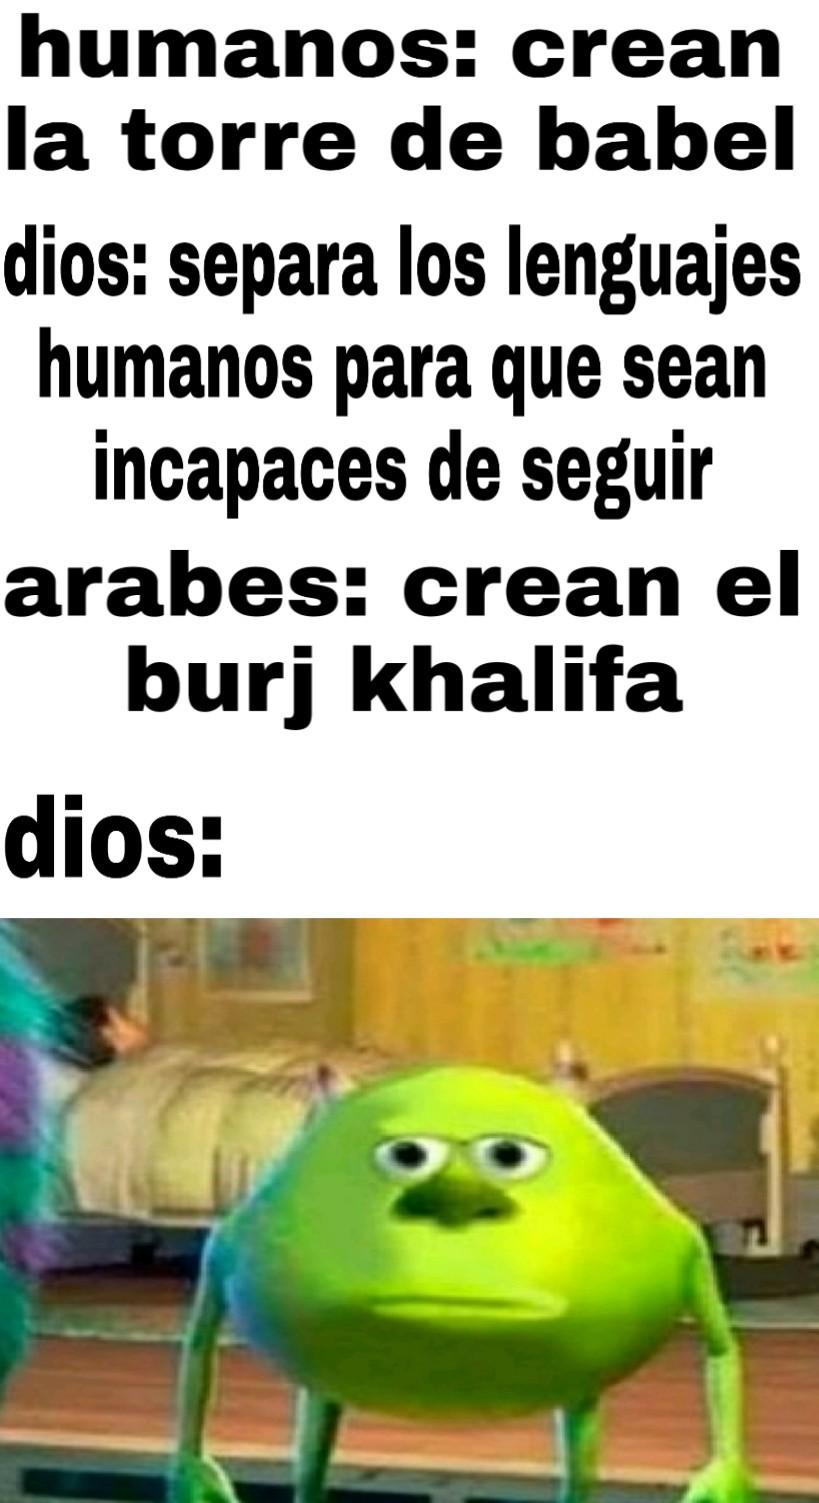 Noo crack - meme